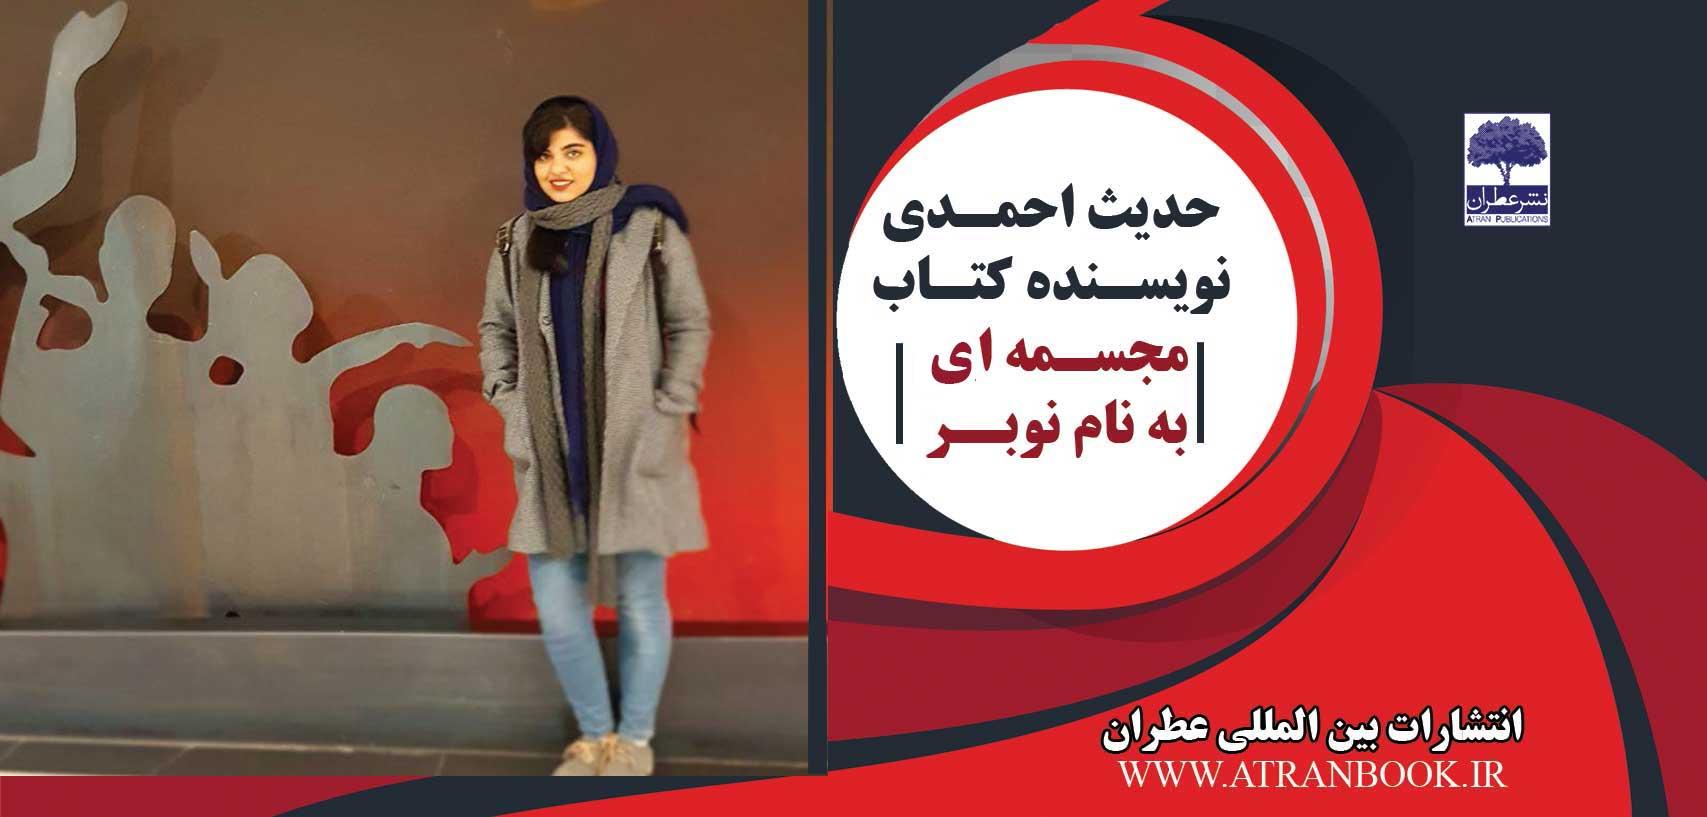 انتشارات عطران: ماهنامه تخصصی زیستبان آب- شماره سی و سوم خرداد 1398